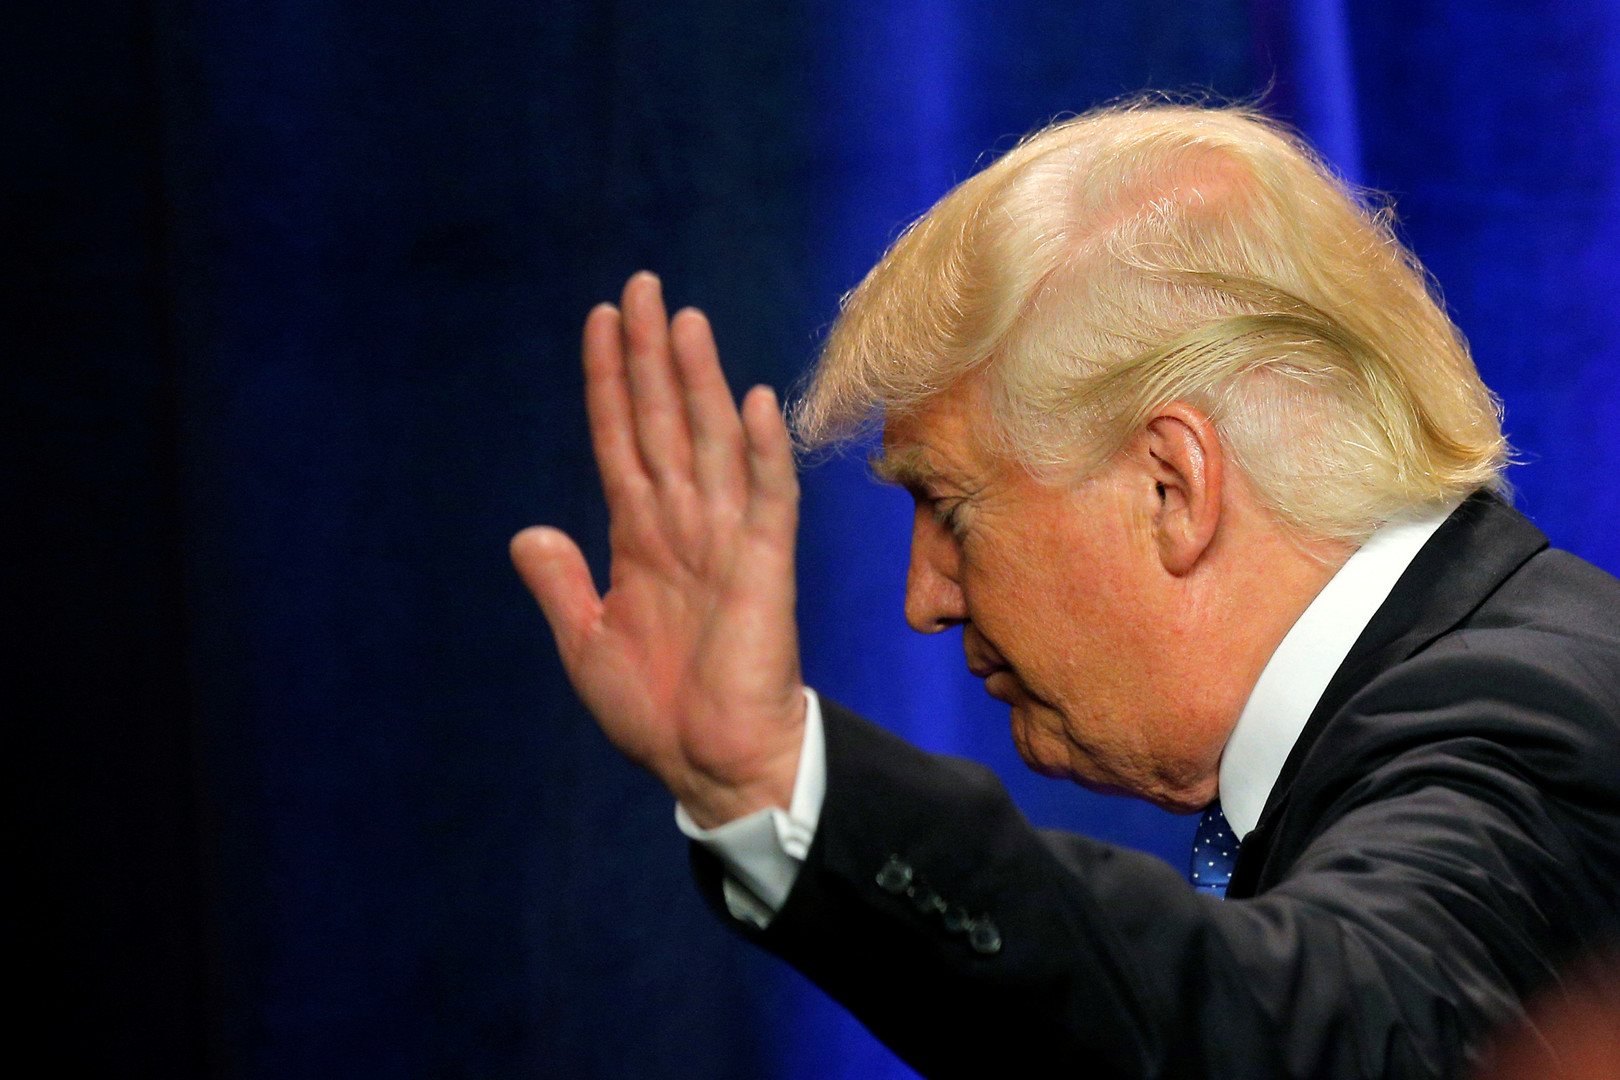 Дональд Трамп отозвал аккредитацию на освещение своей кампании у Washington Post из-за лжи